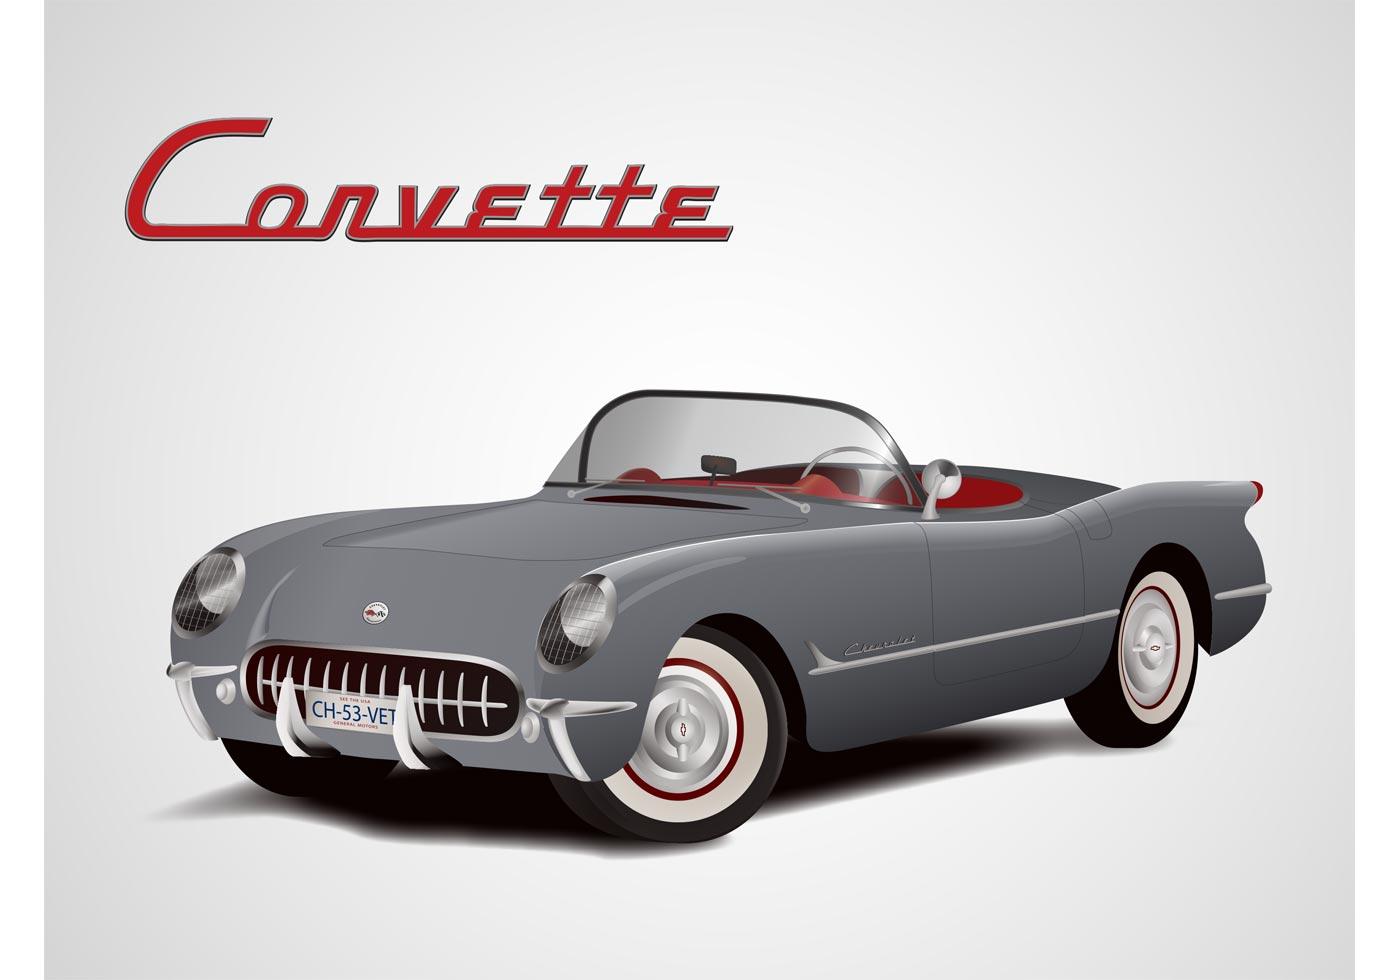 chevrolet corvette vector download free vector art